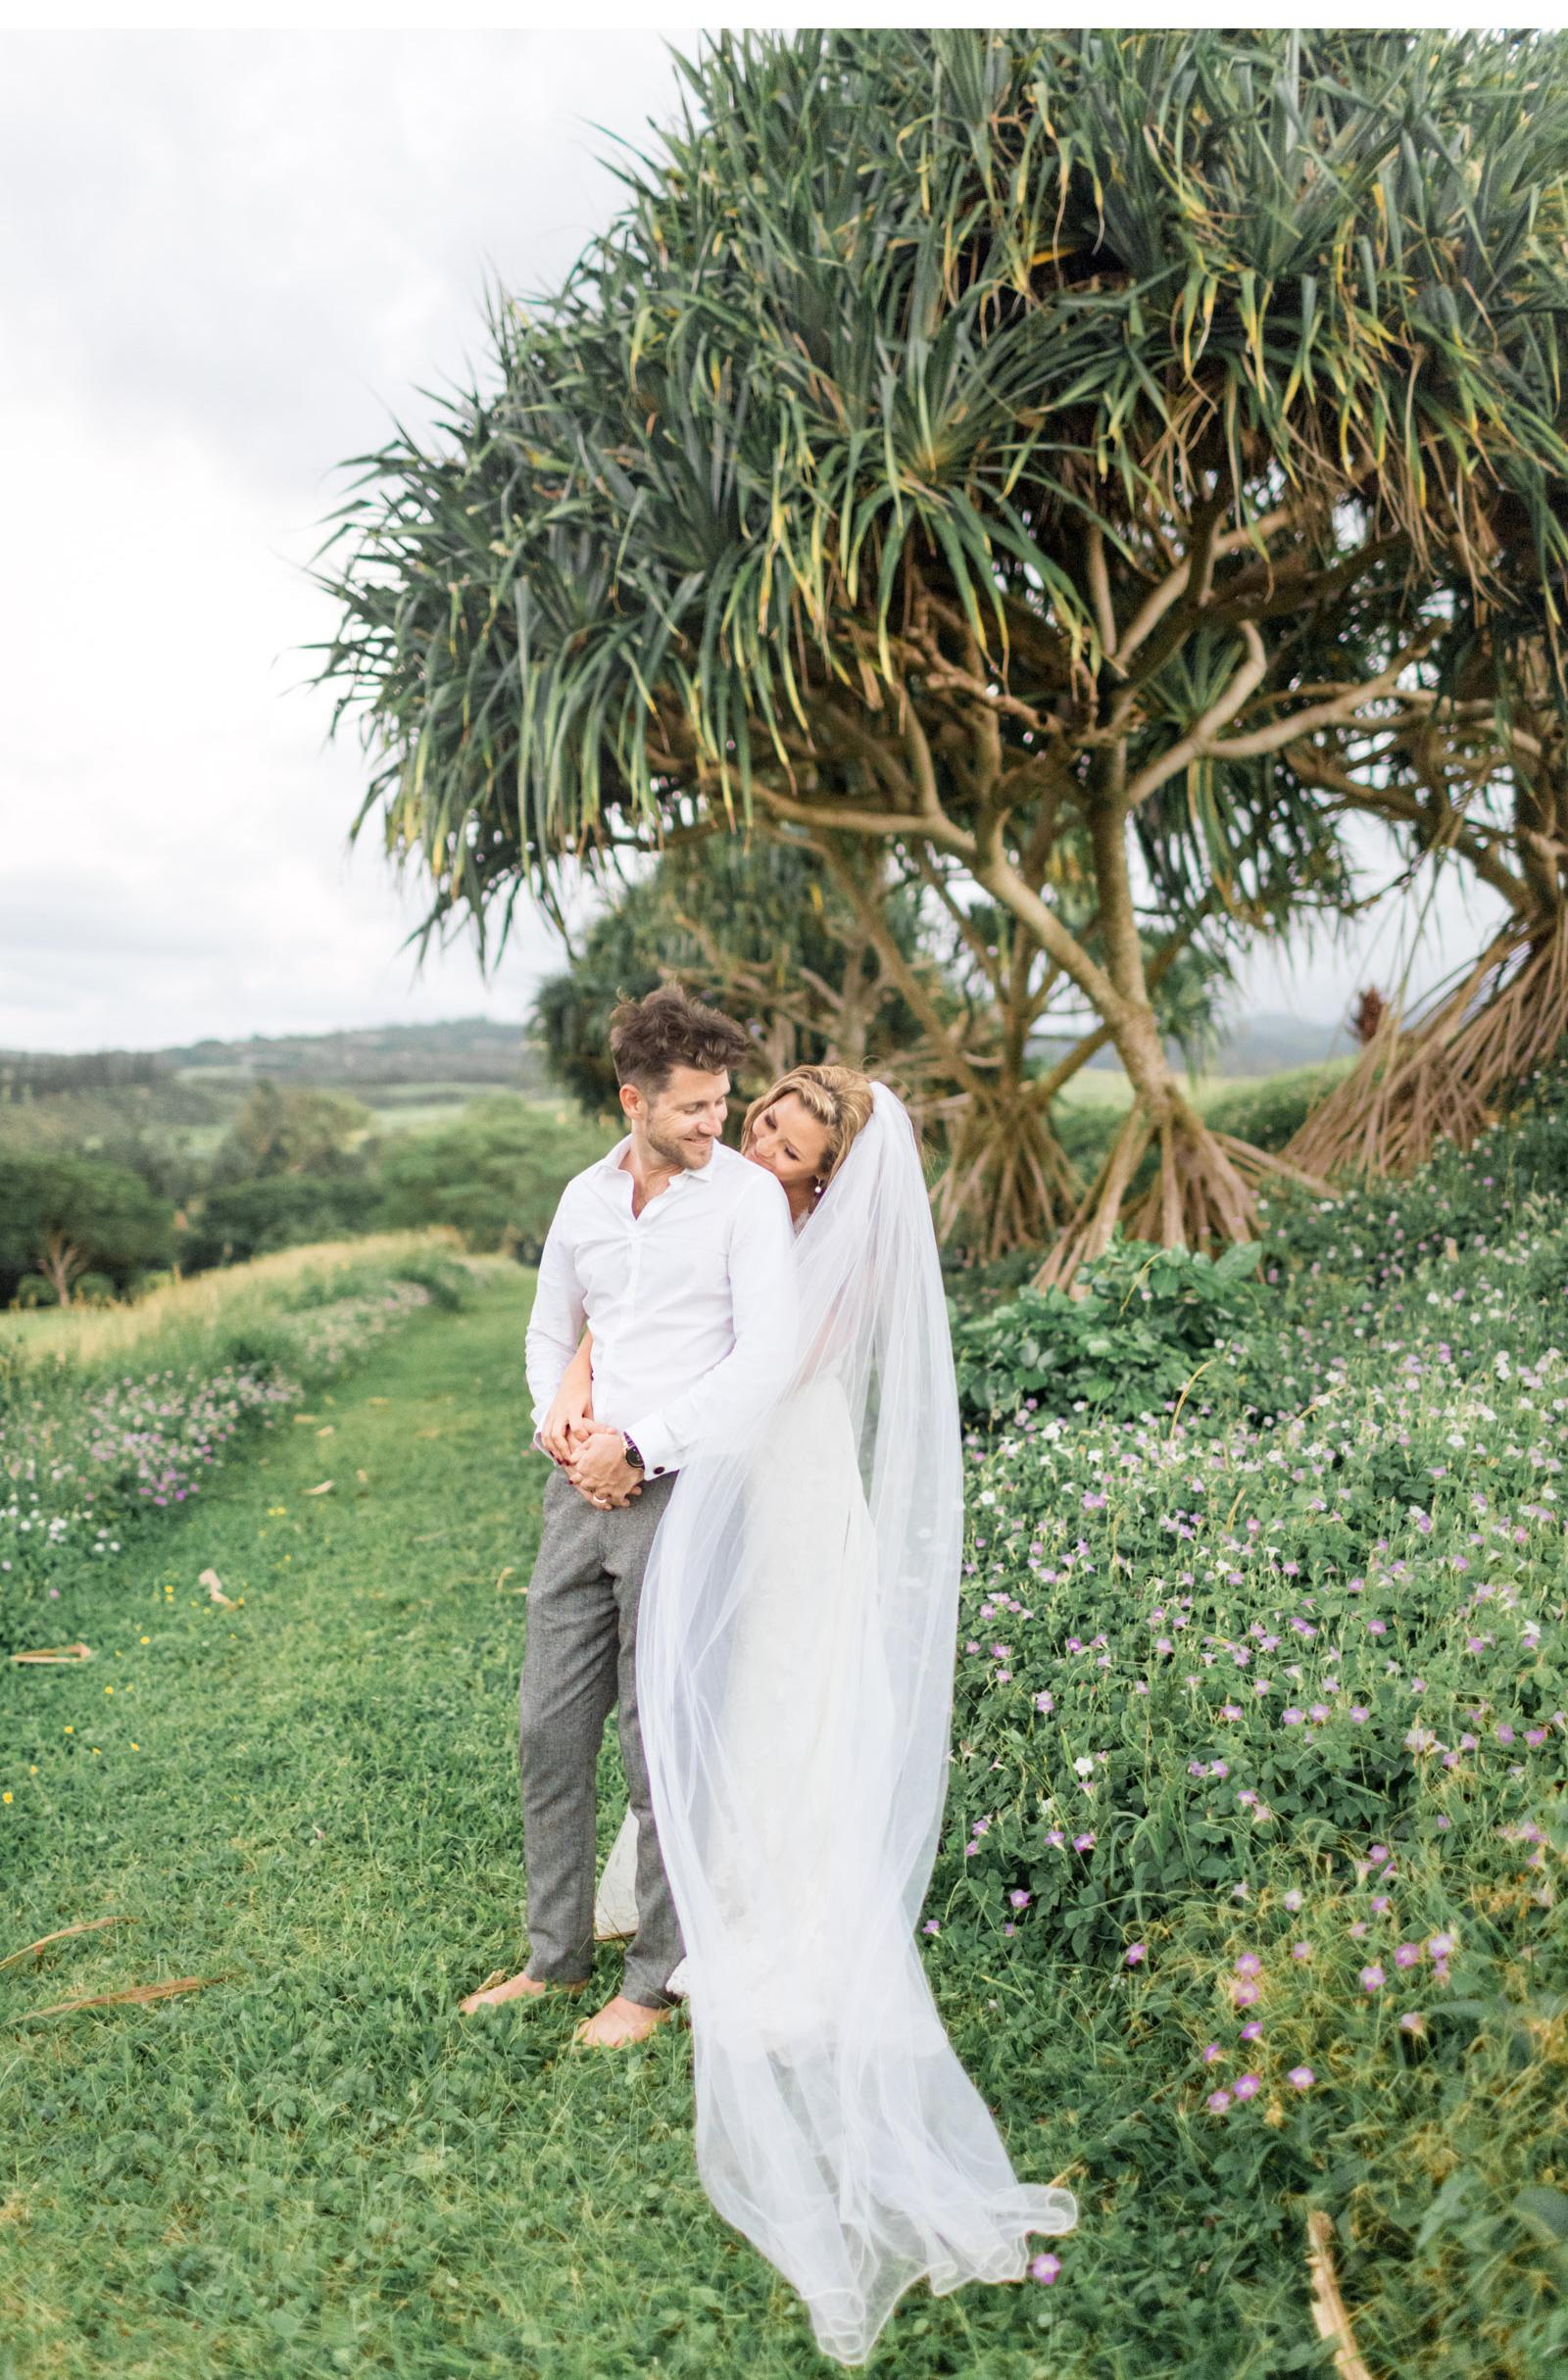 Natalie-Schutt-Photography---Costa-Rica-Wedding-Photographer_03.jpg